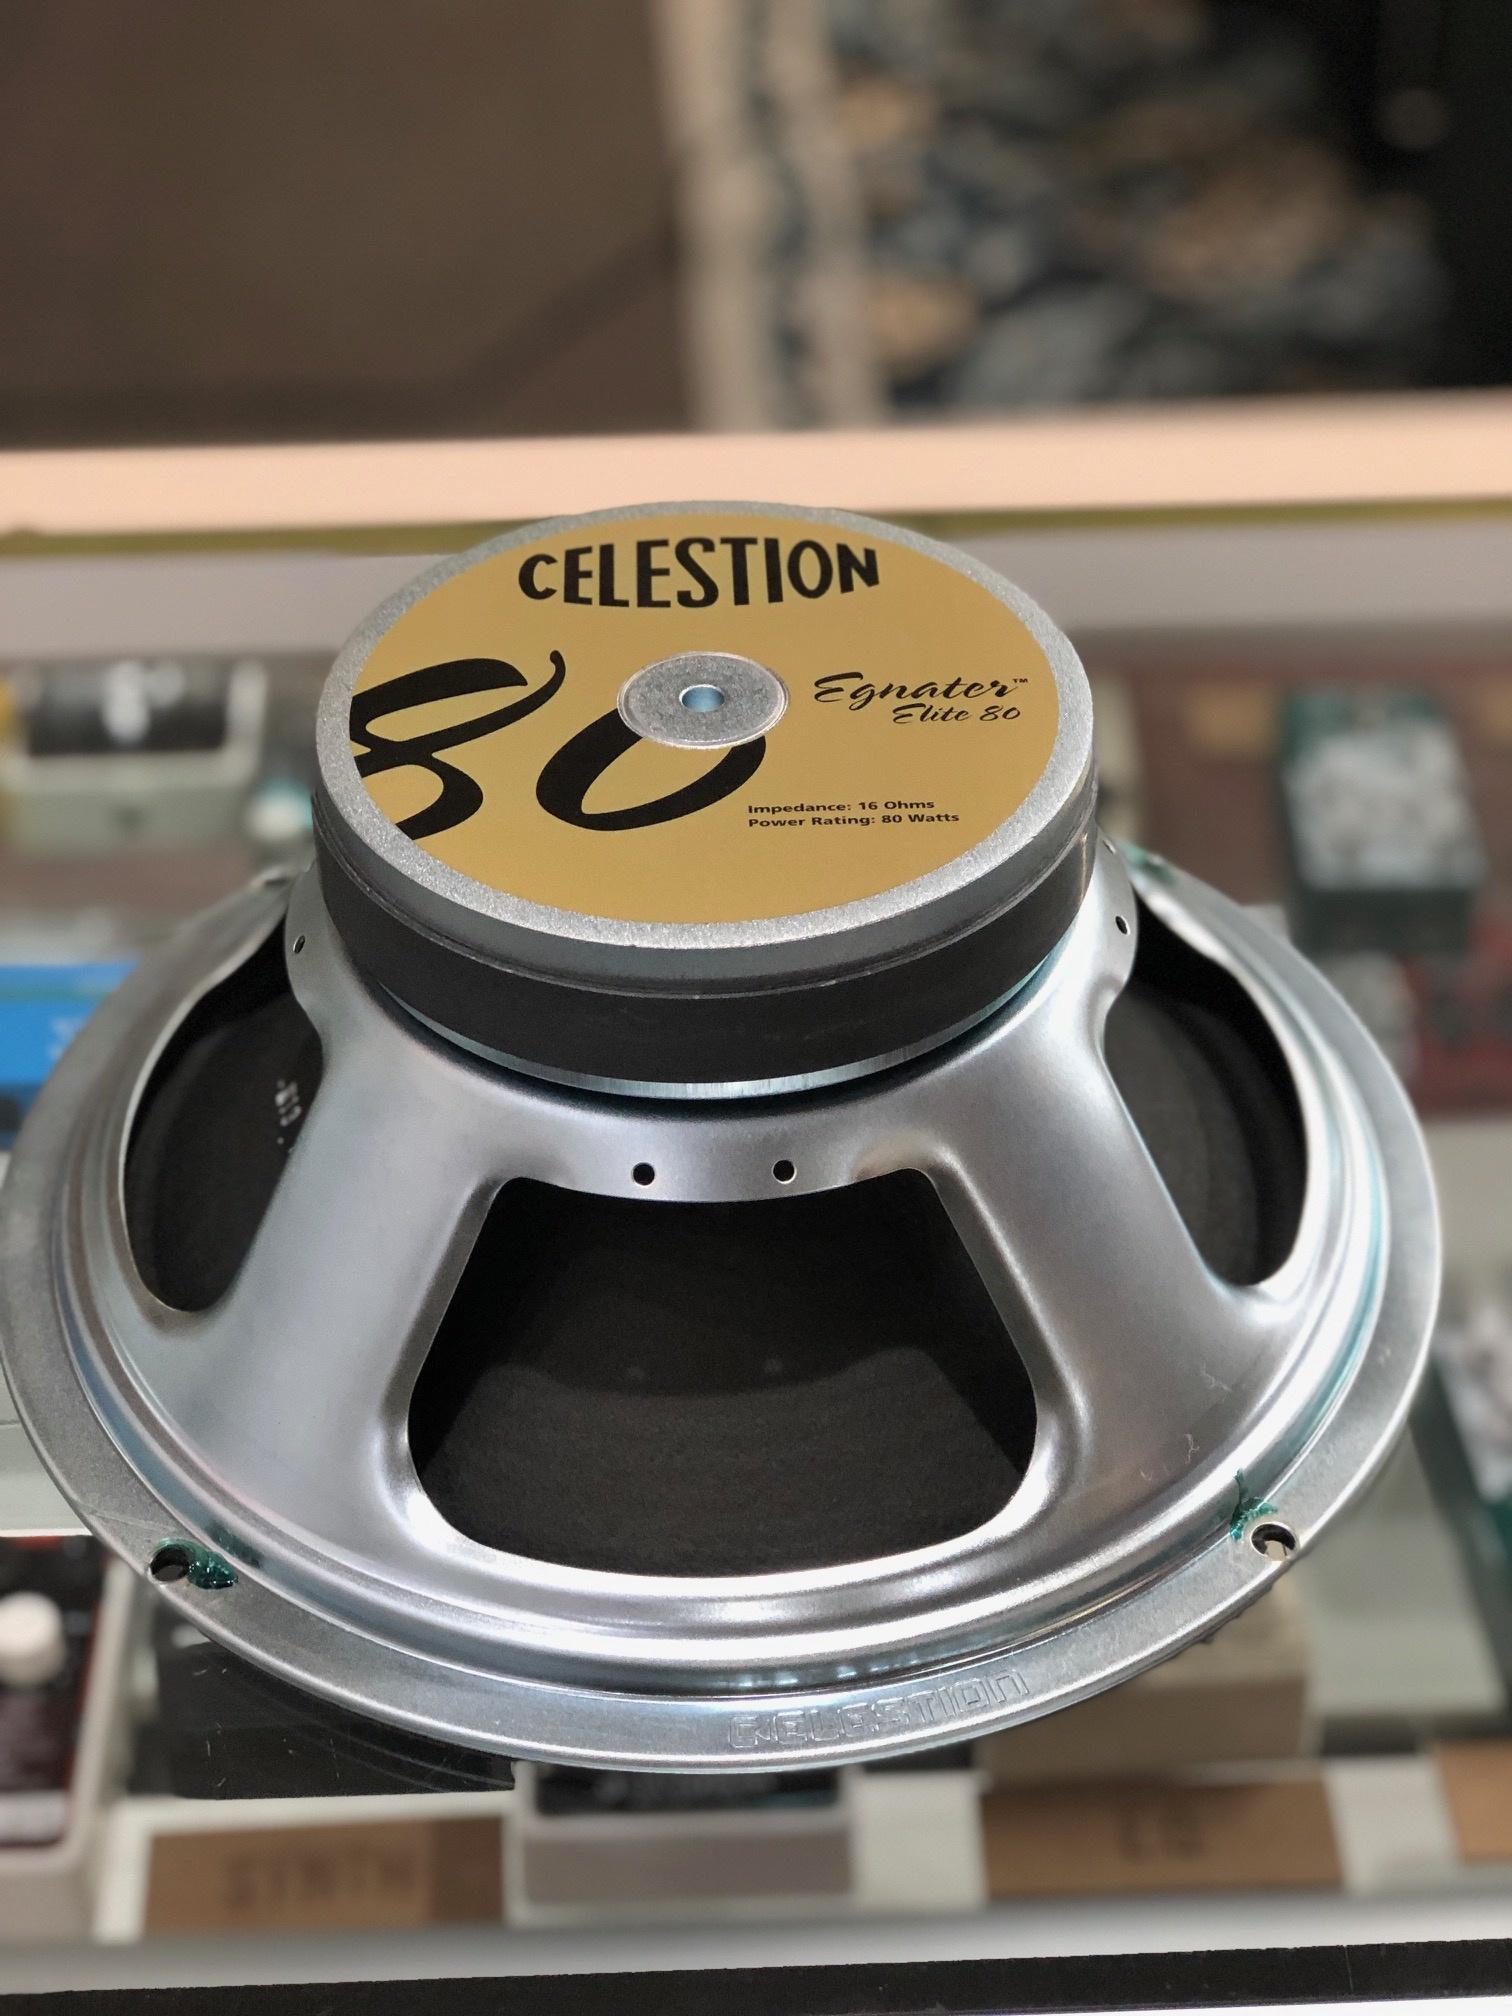 Celestion Egnater Elite 80-1